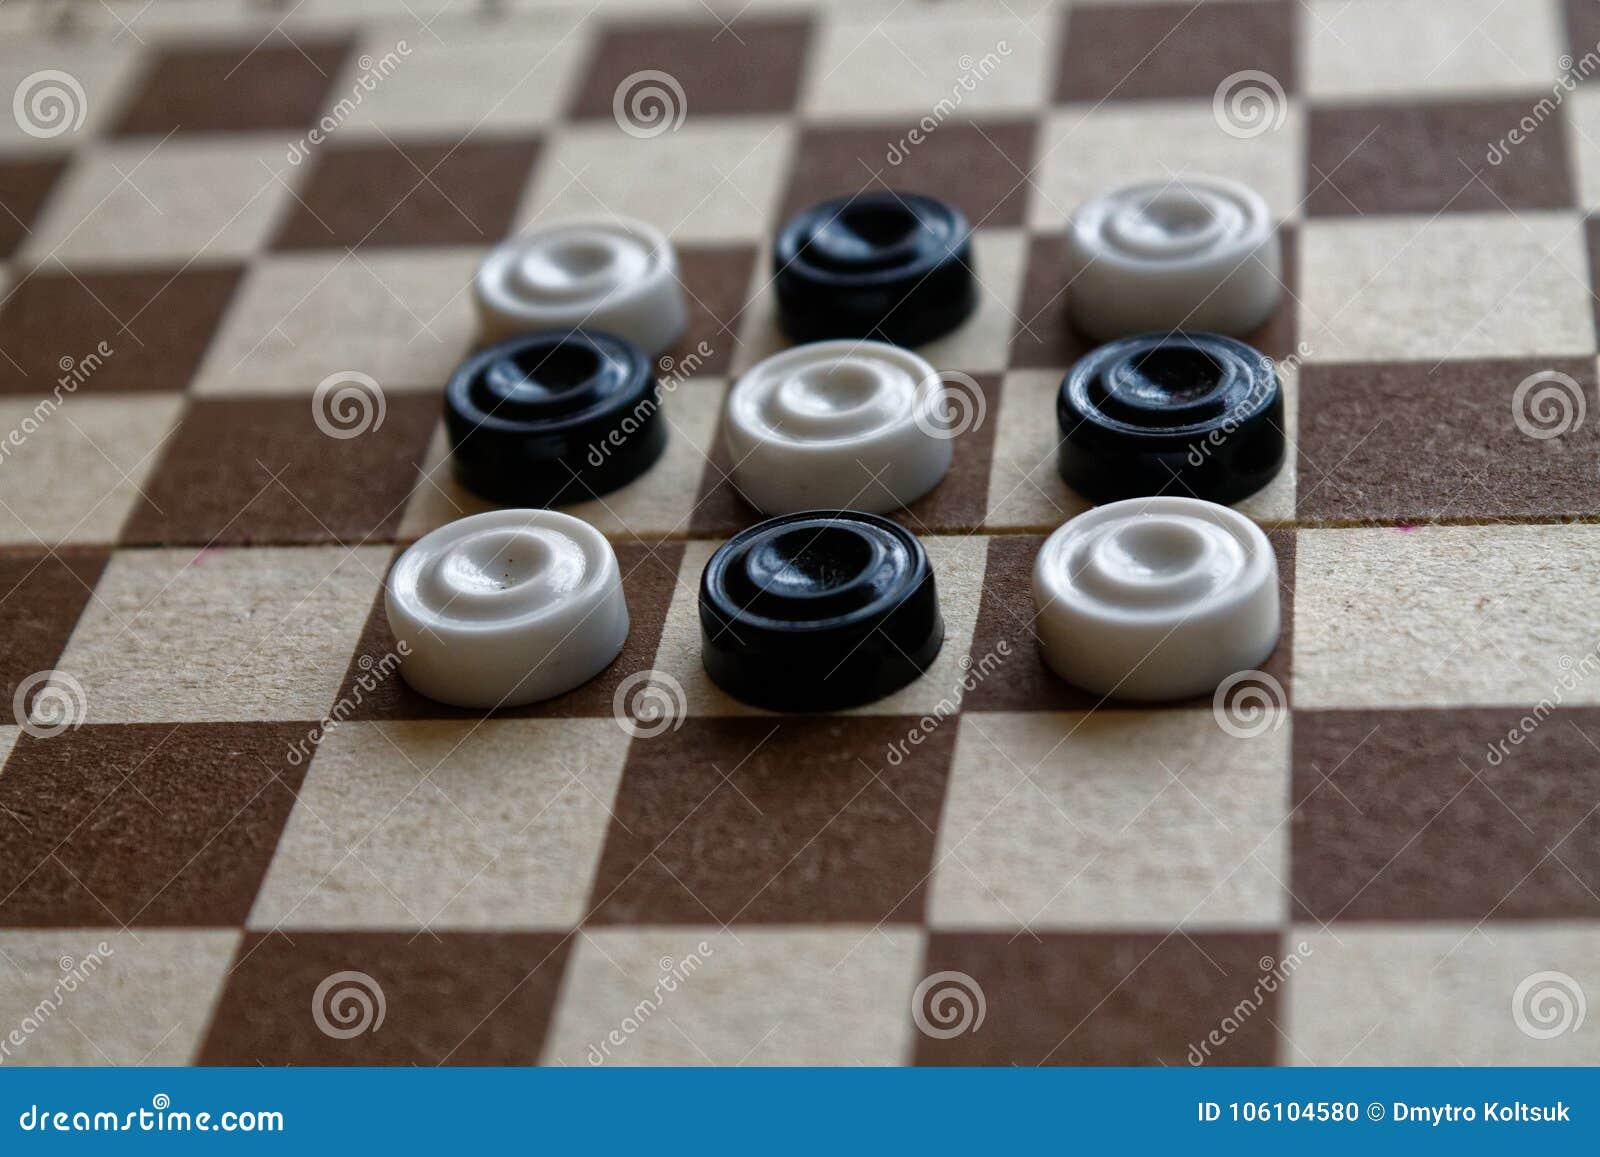 Kontrollörer i schackbrädet som är klar för att spela abstrakt lekillustration för begrepp 3d En forntida lek hobby kontrollörer